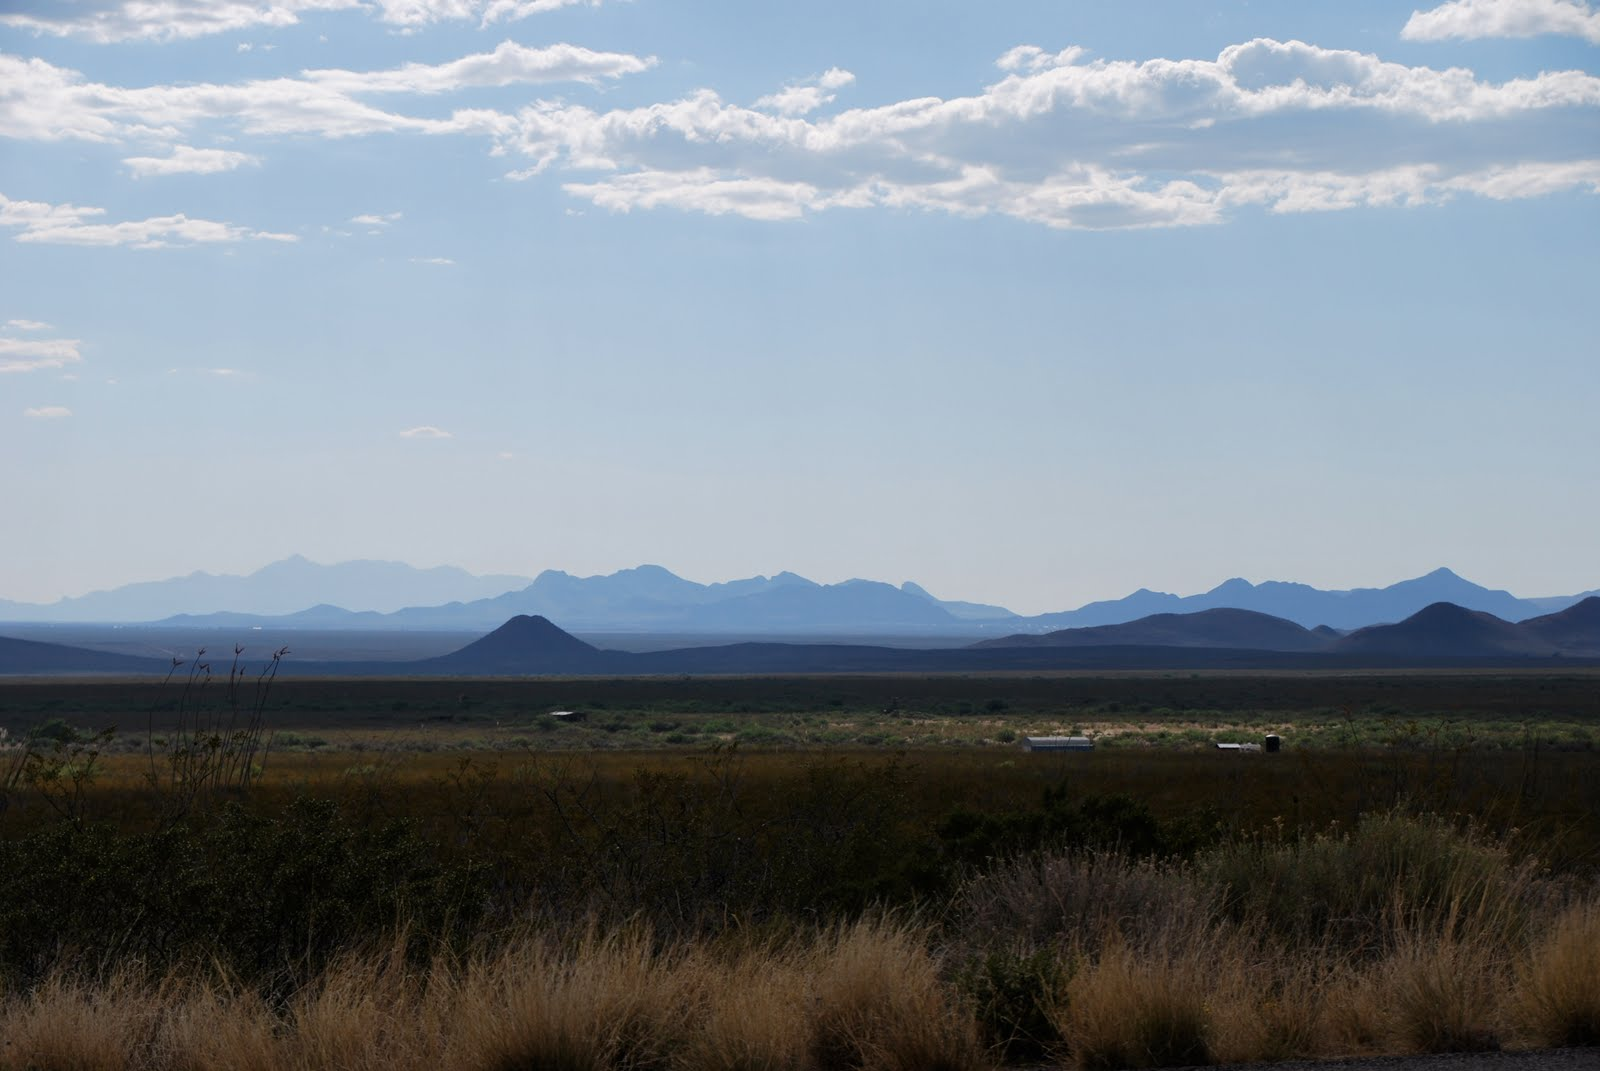 http://3.bp.blogspot.com/_CZ6DtE8Ne9g/TCshbOE12YI/AAAAAAAABWQ/N-uO19xOfEc/s1600/Arizona+desert+%C2%A9+Tom+McLaughlin.JPG